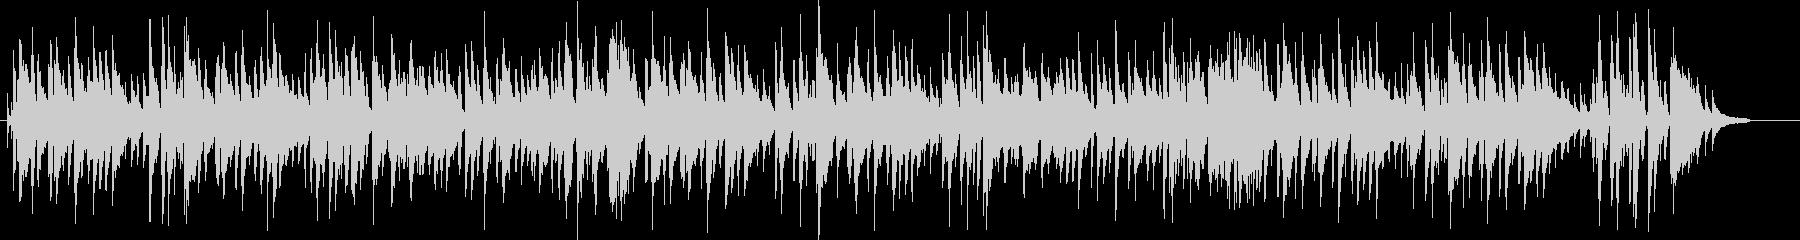 ハッピーバースデー JAZZピアノトリオの未再生の波形